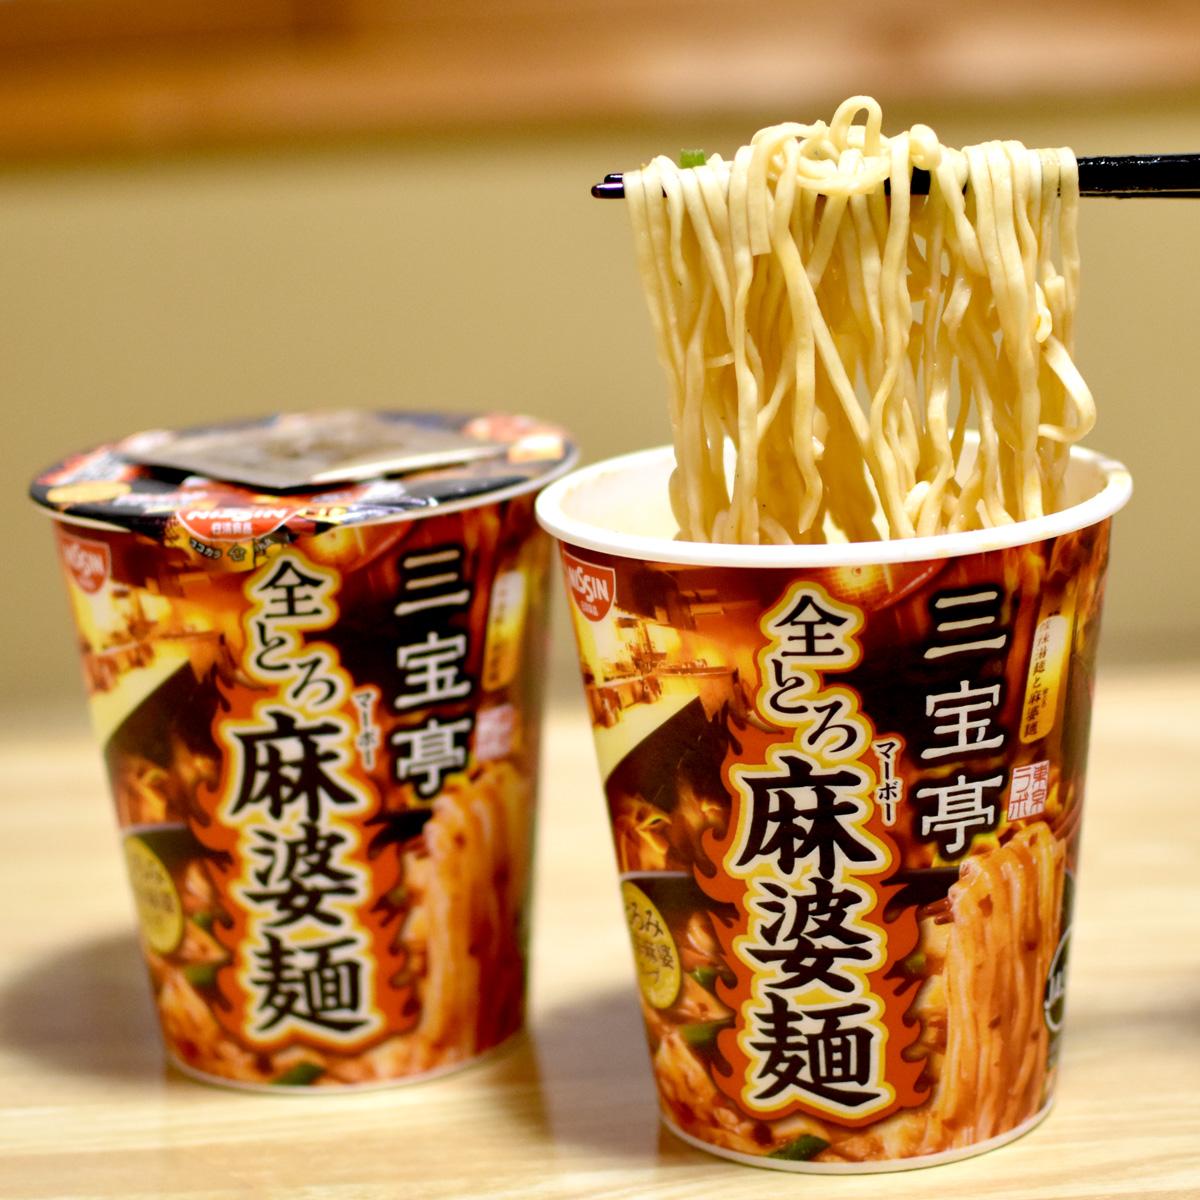 筆者の行きつけグルメ「三宝亭 全とろ麻婆麺」、4年通ったこの舌でカップ麺と食べ比べ